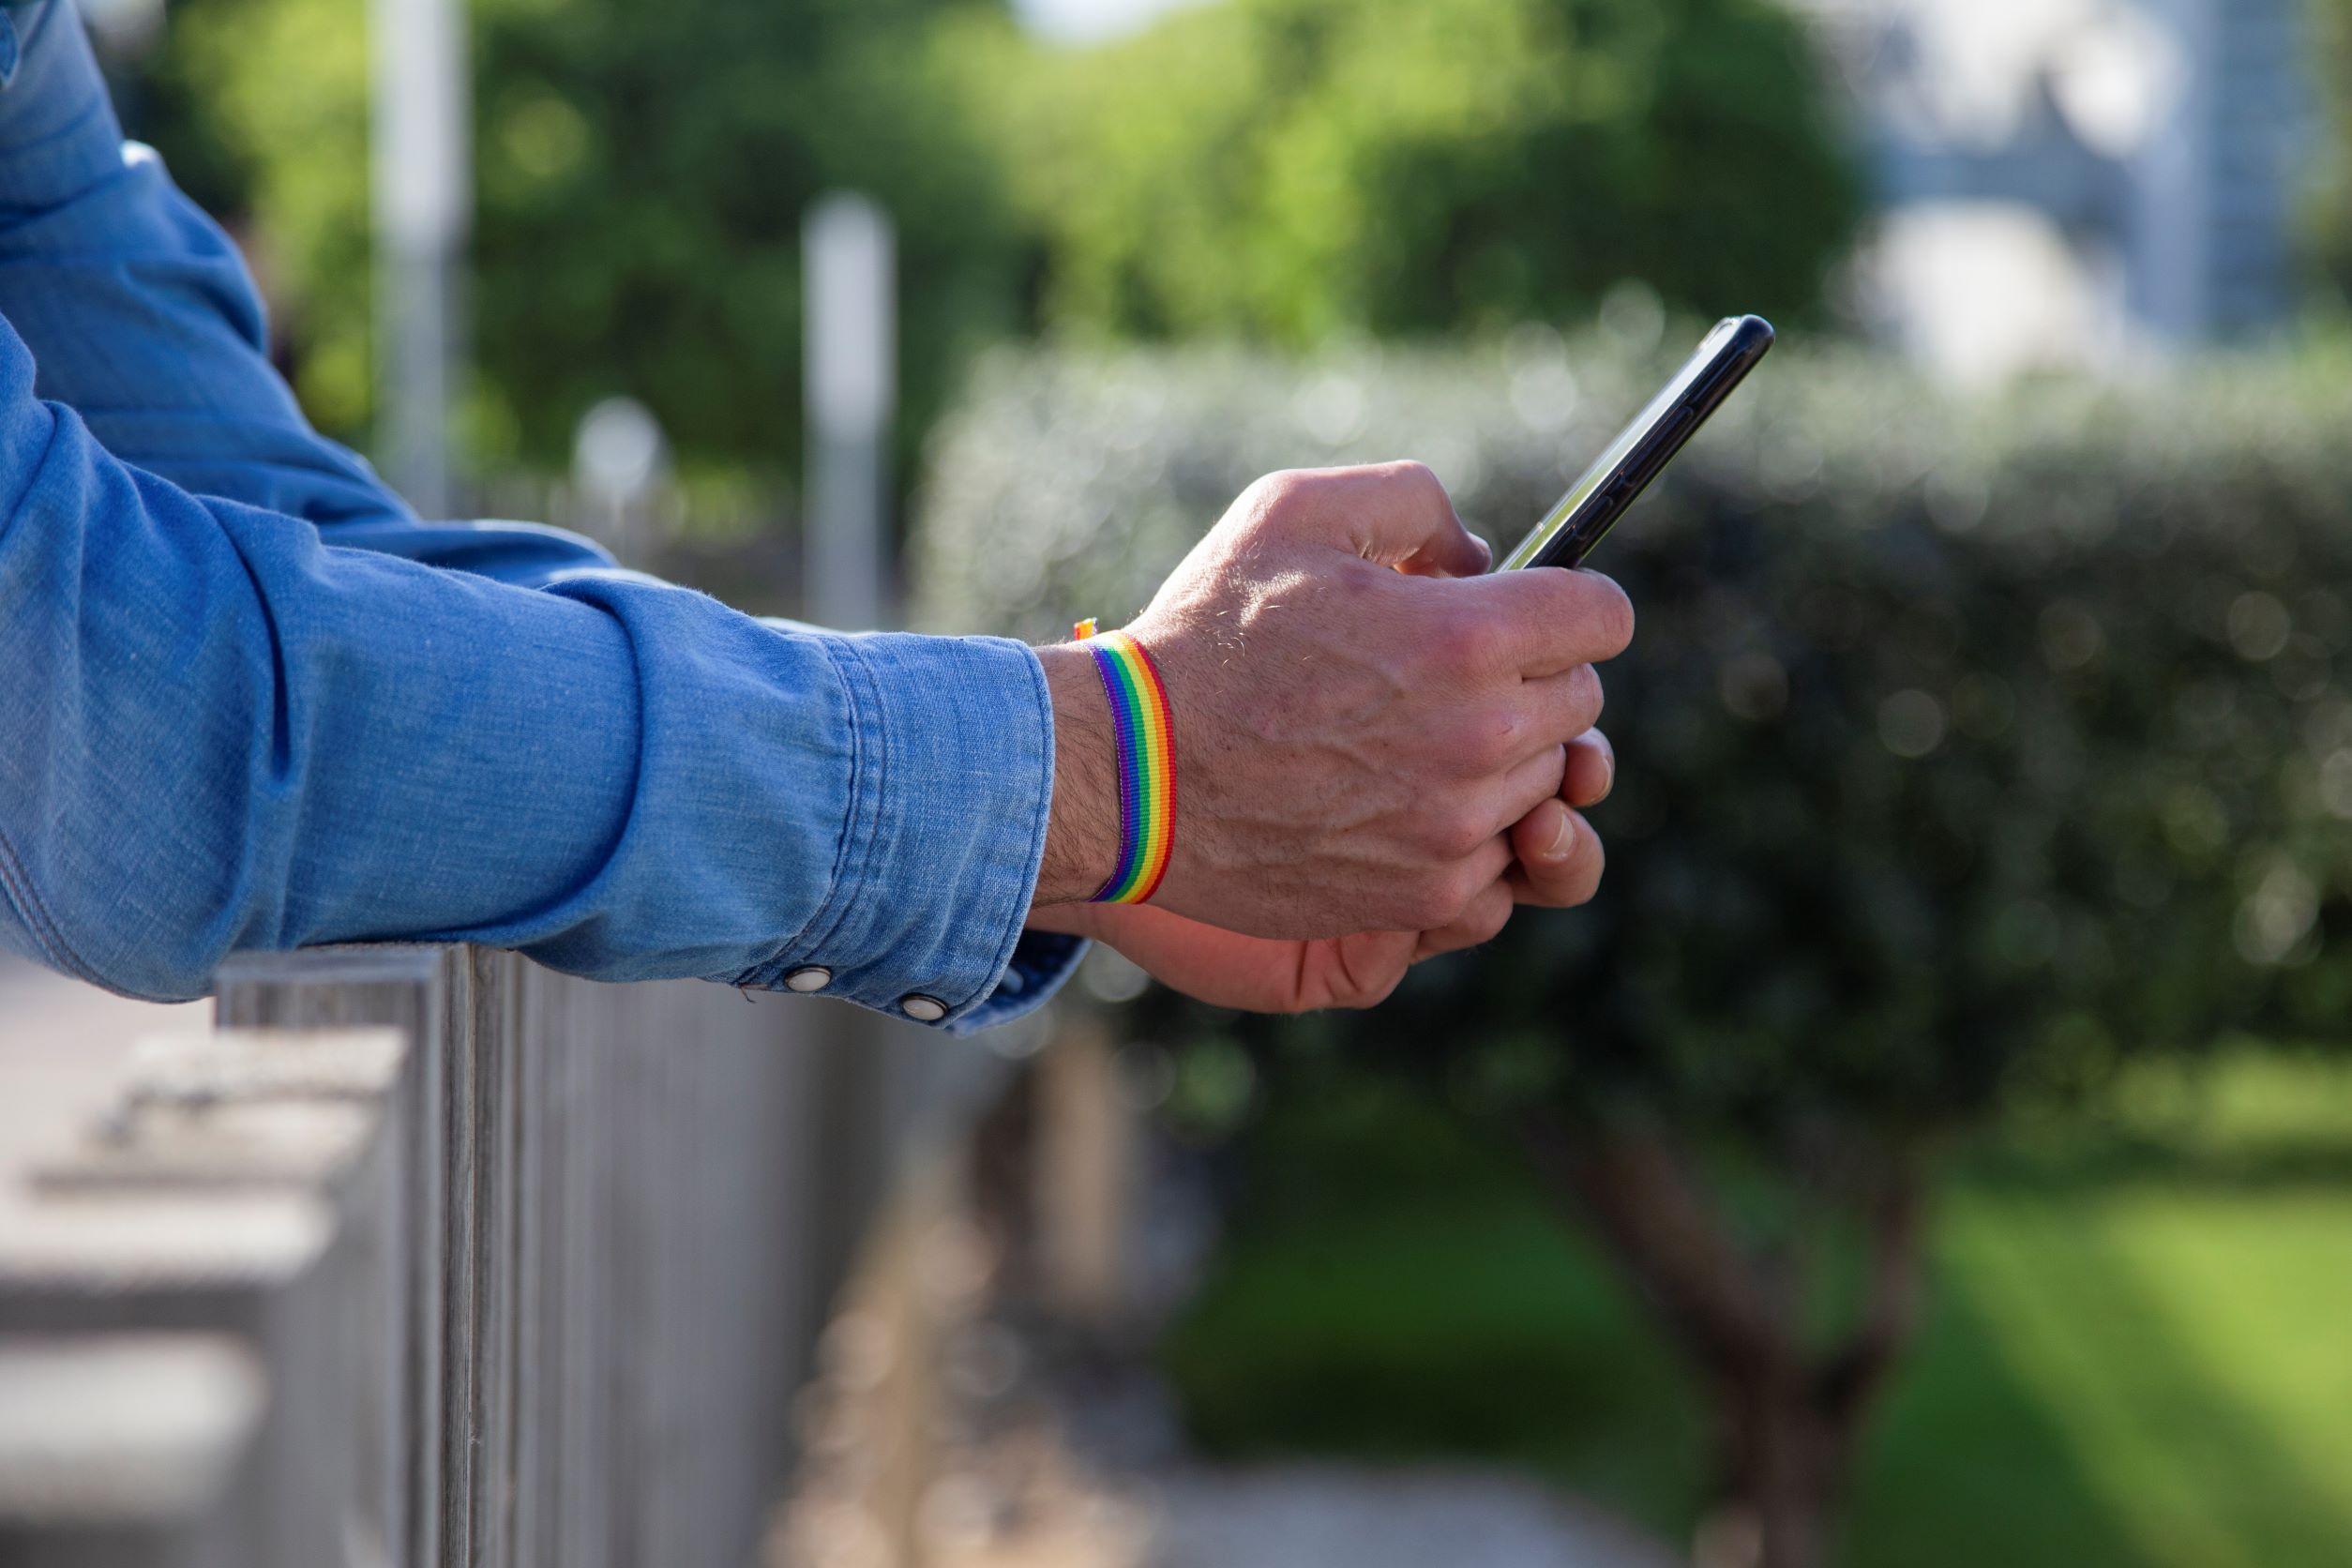 Organizza eventi con braccialetti identificativi